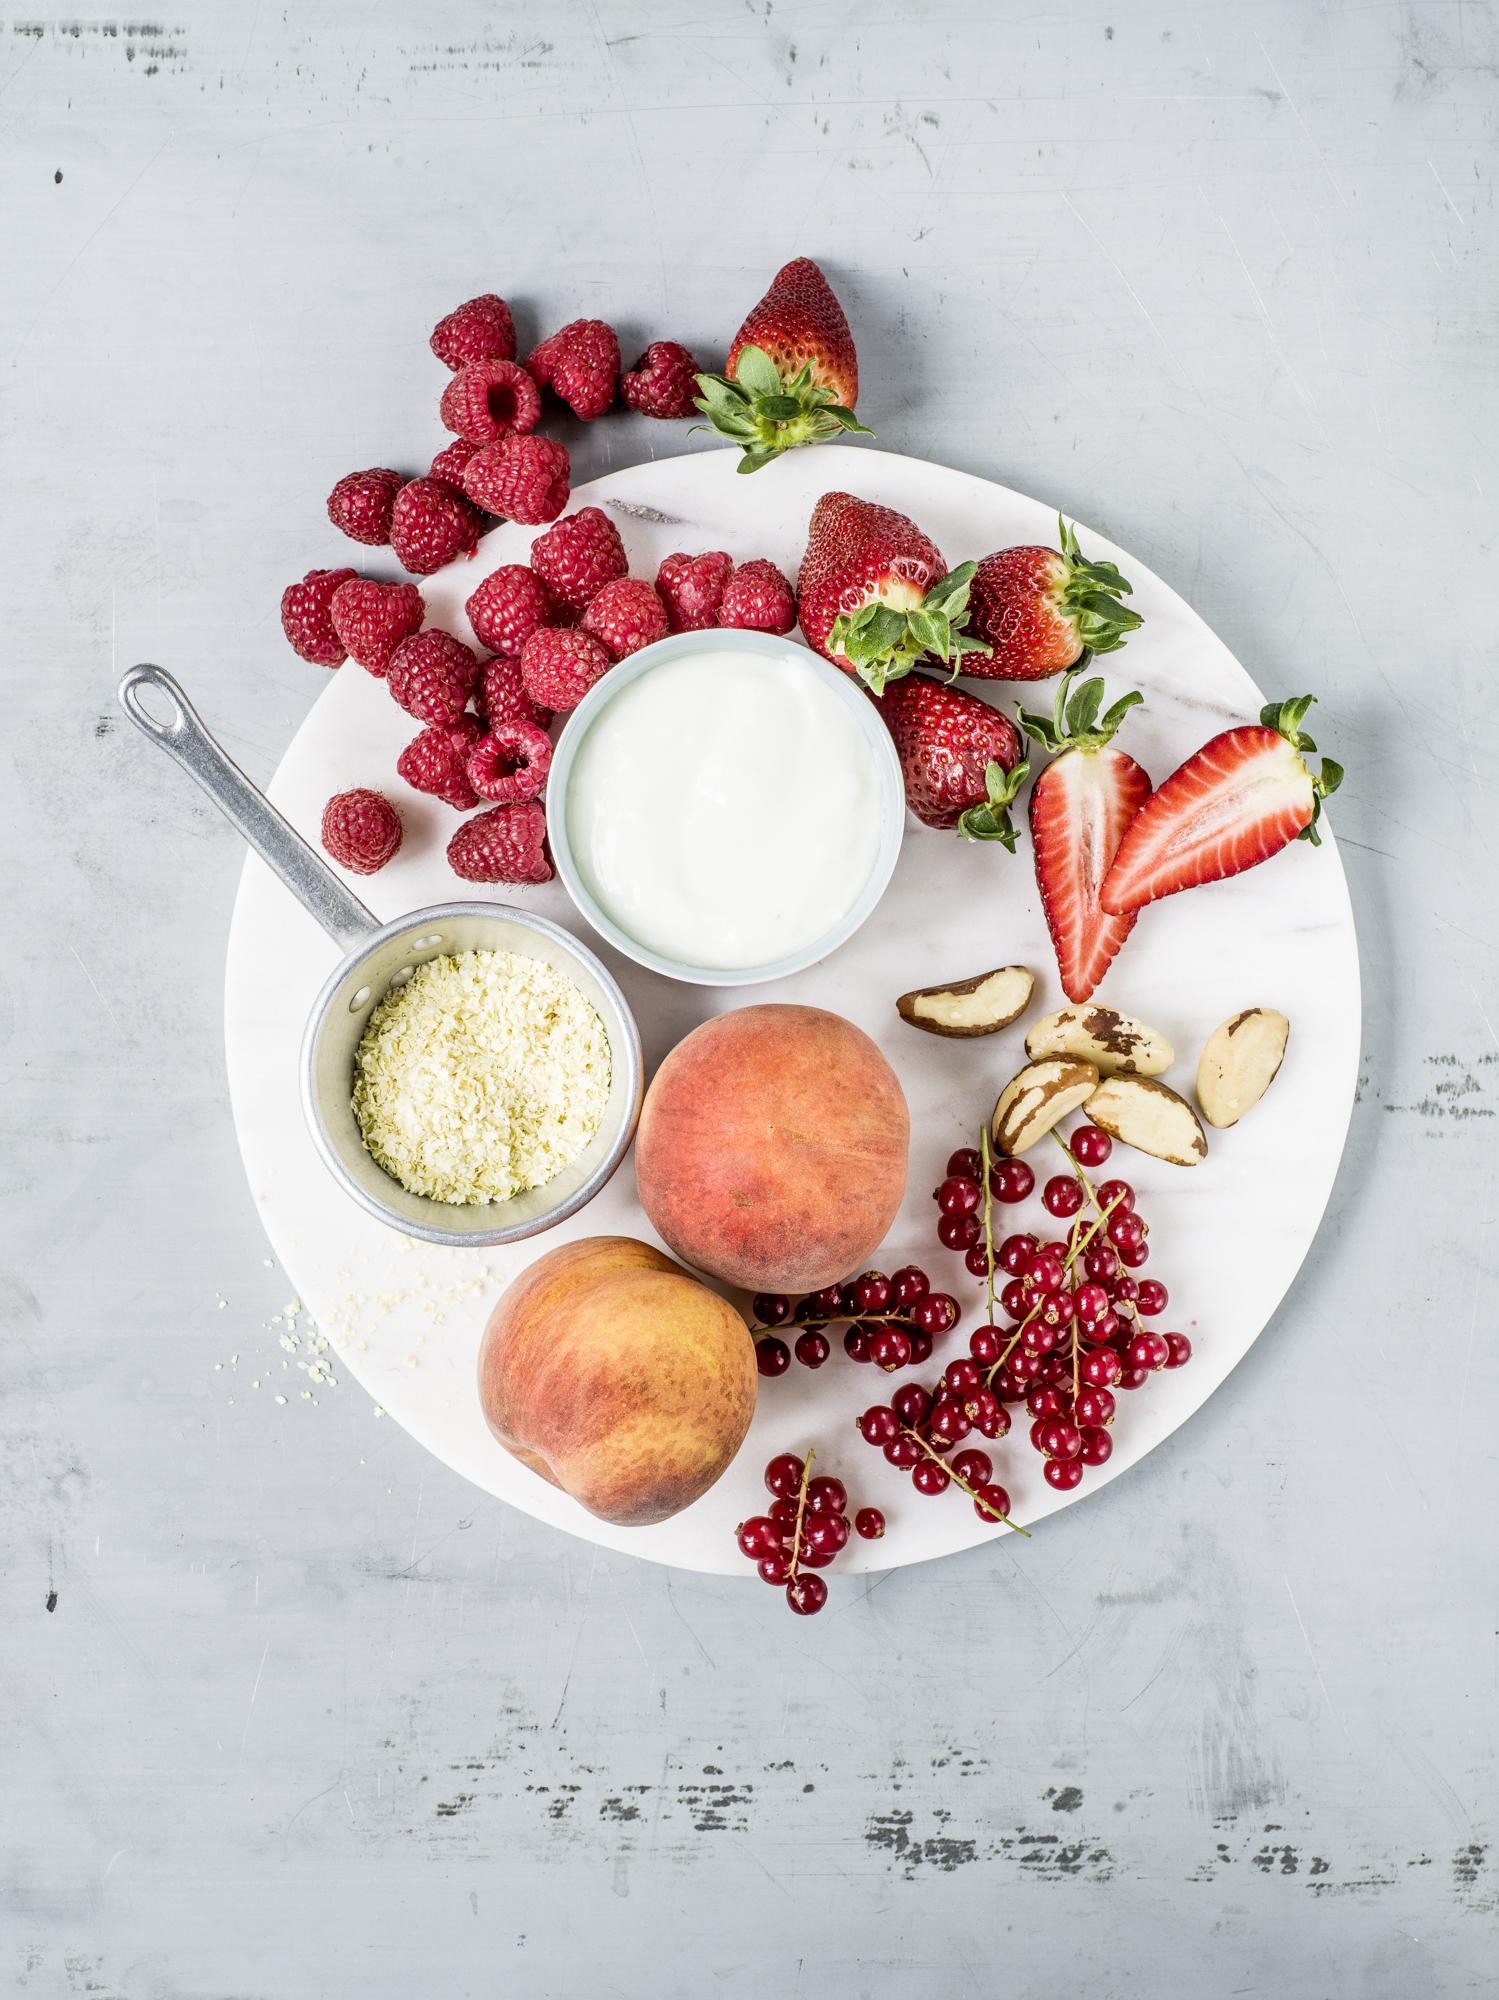 Food-Fotografie Bowls, Stefan Schmidlin Fotograf Basel; Bild 4.jpg